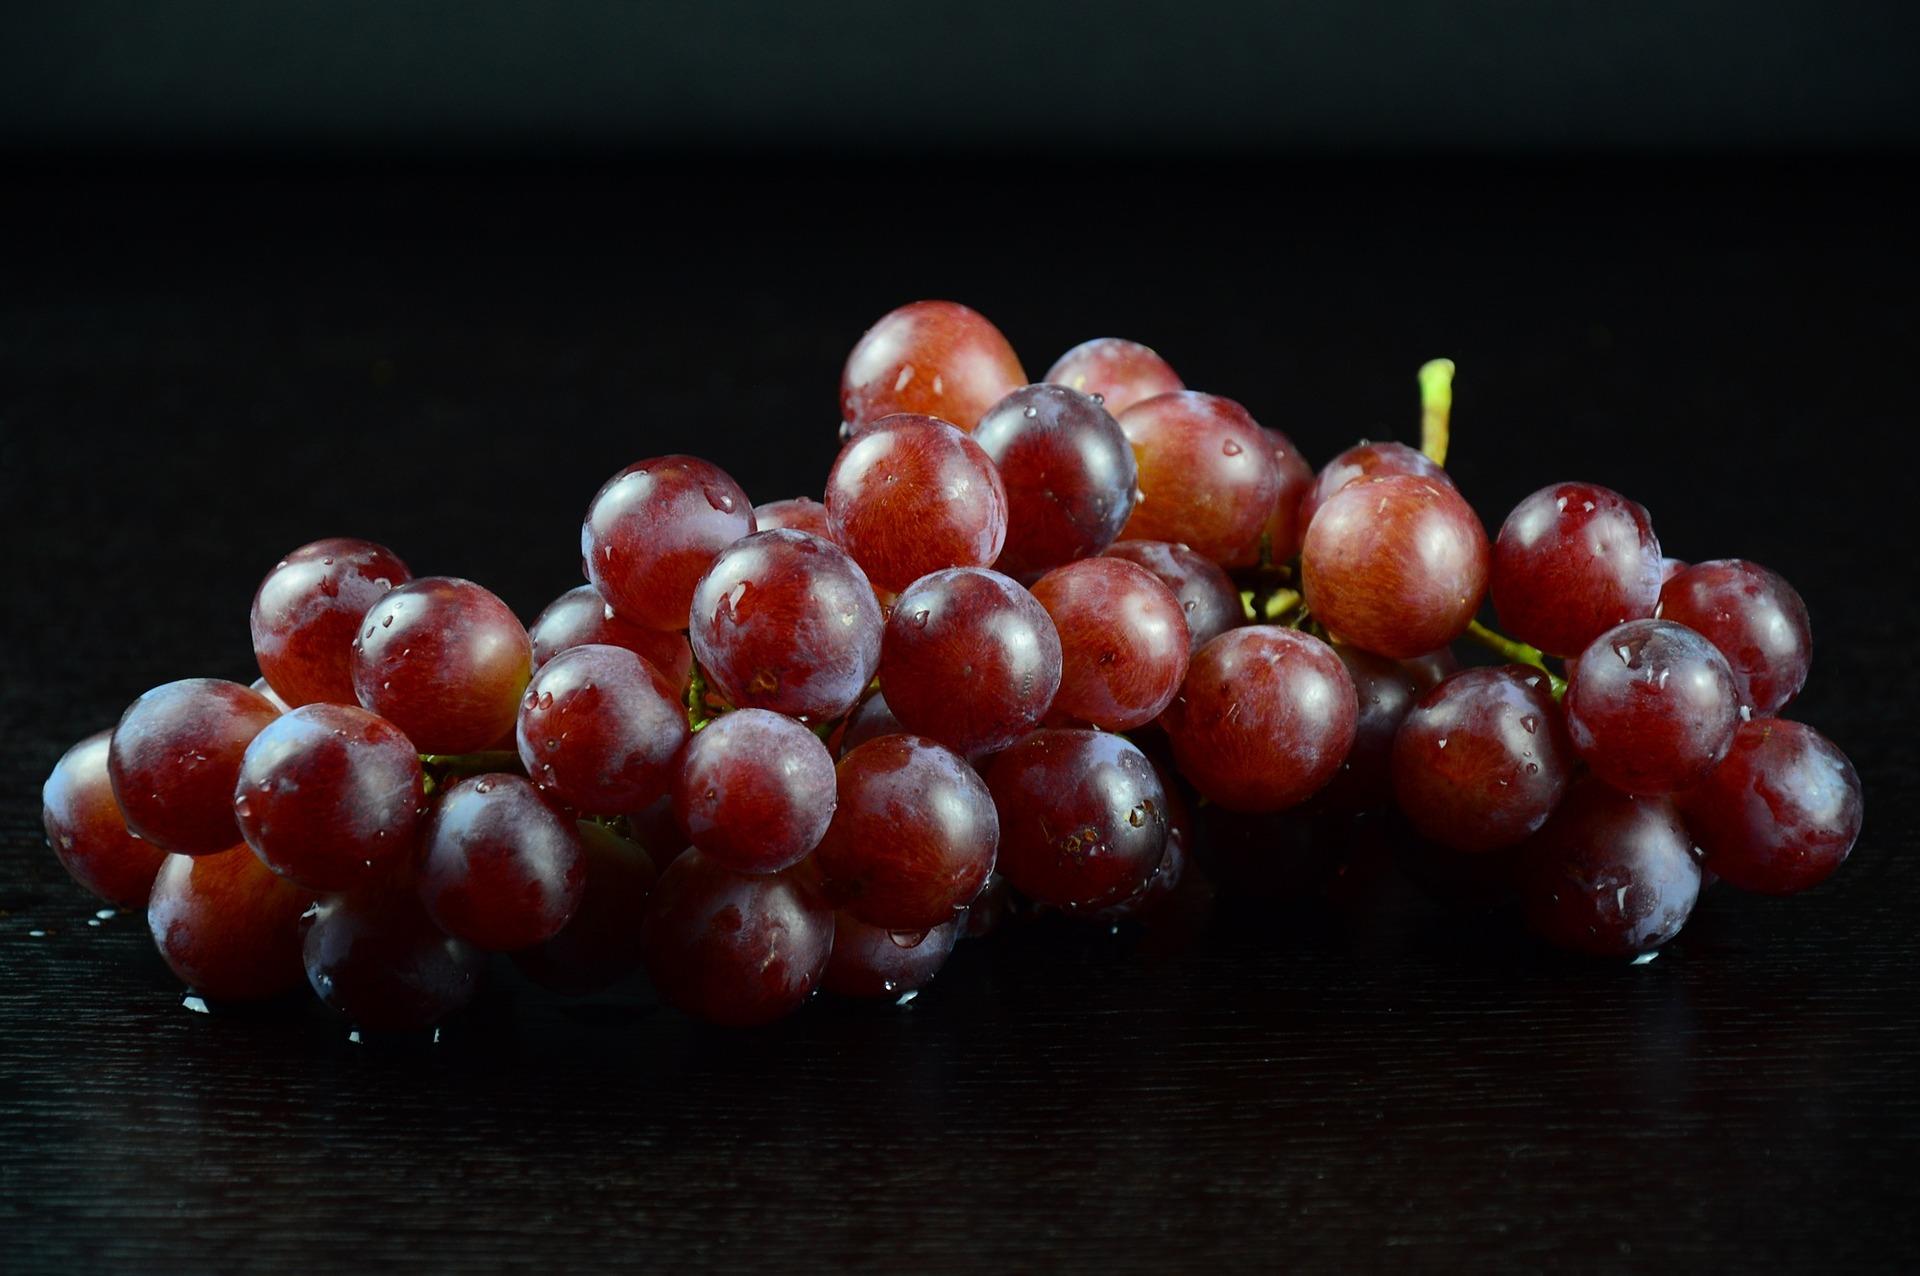 CONCORD紅葡萄濃縮汁